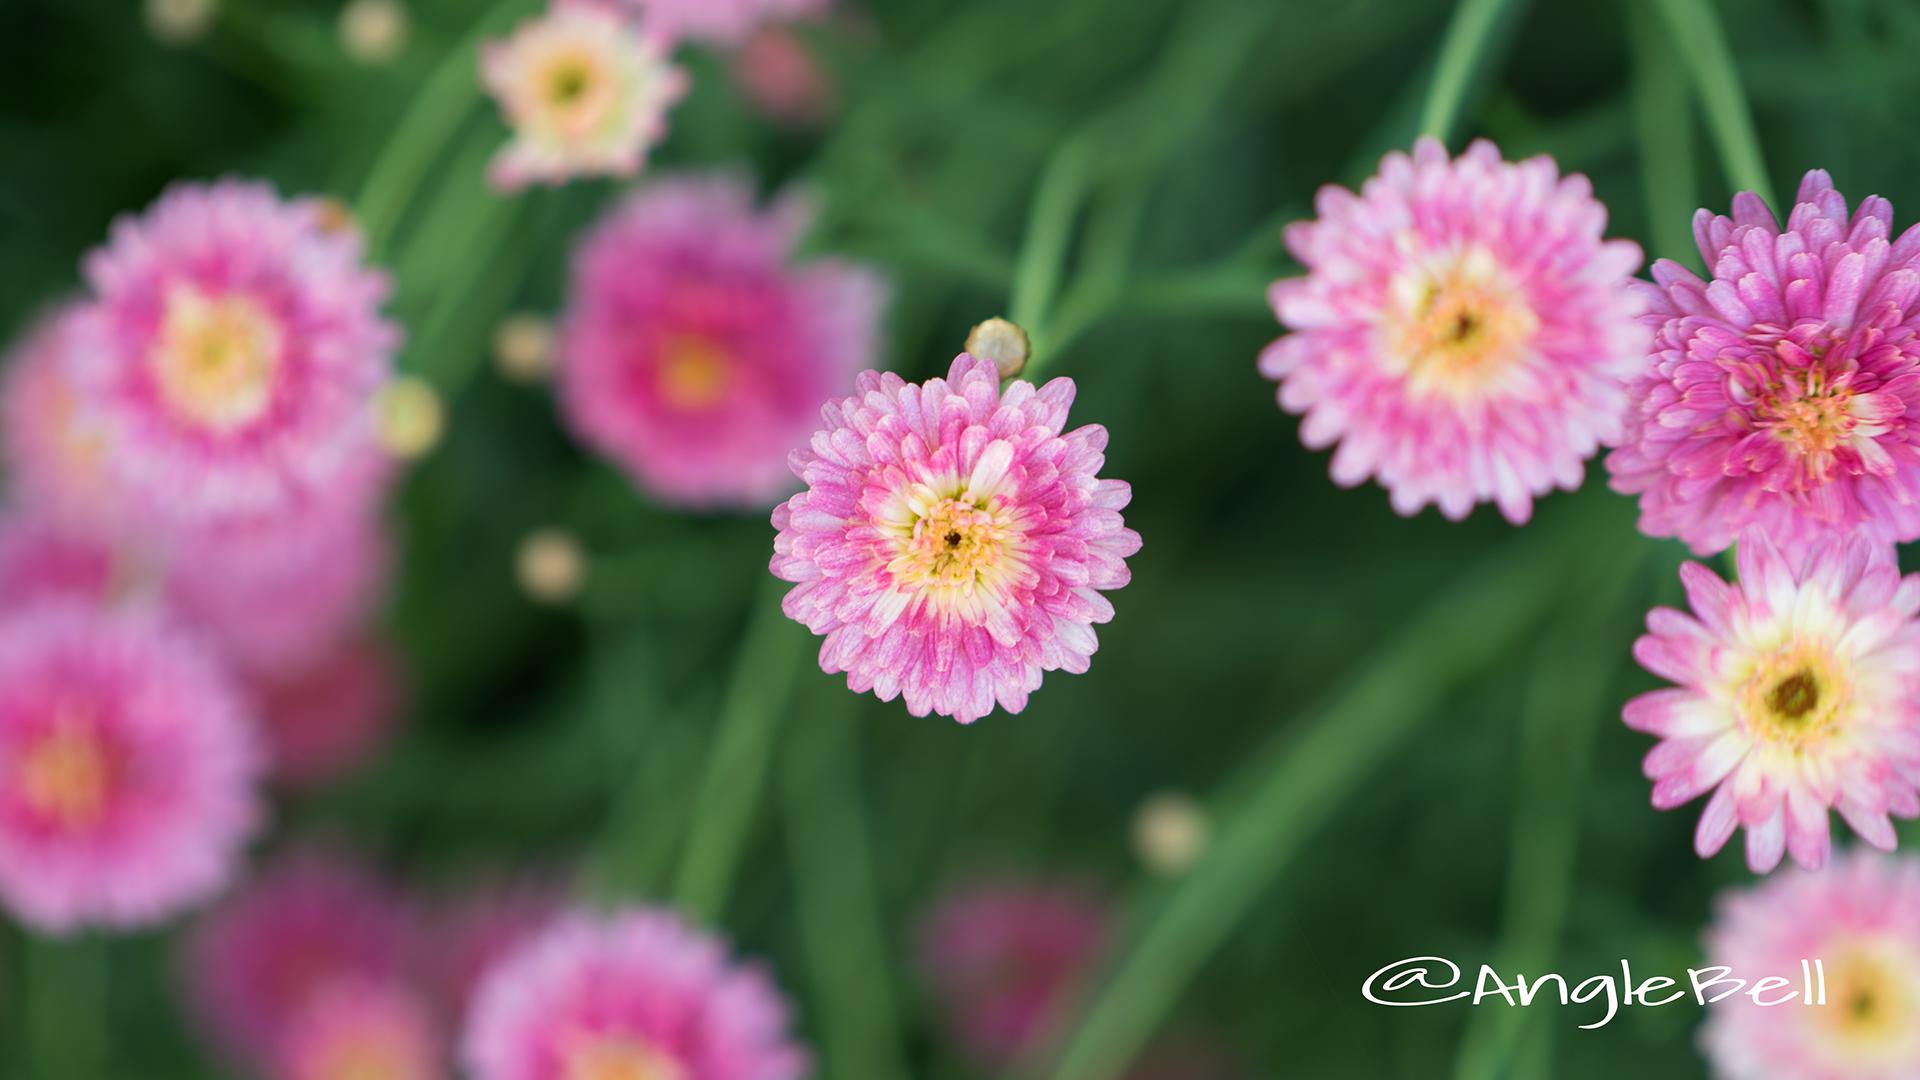 マーガレット ブリリアント ルージュ Flower Photo2